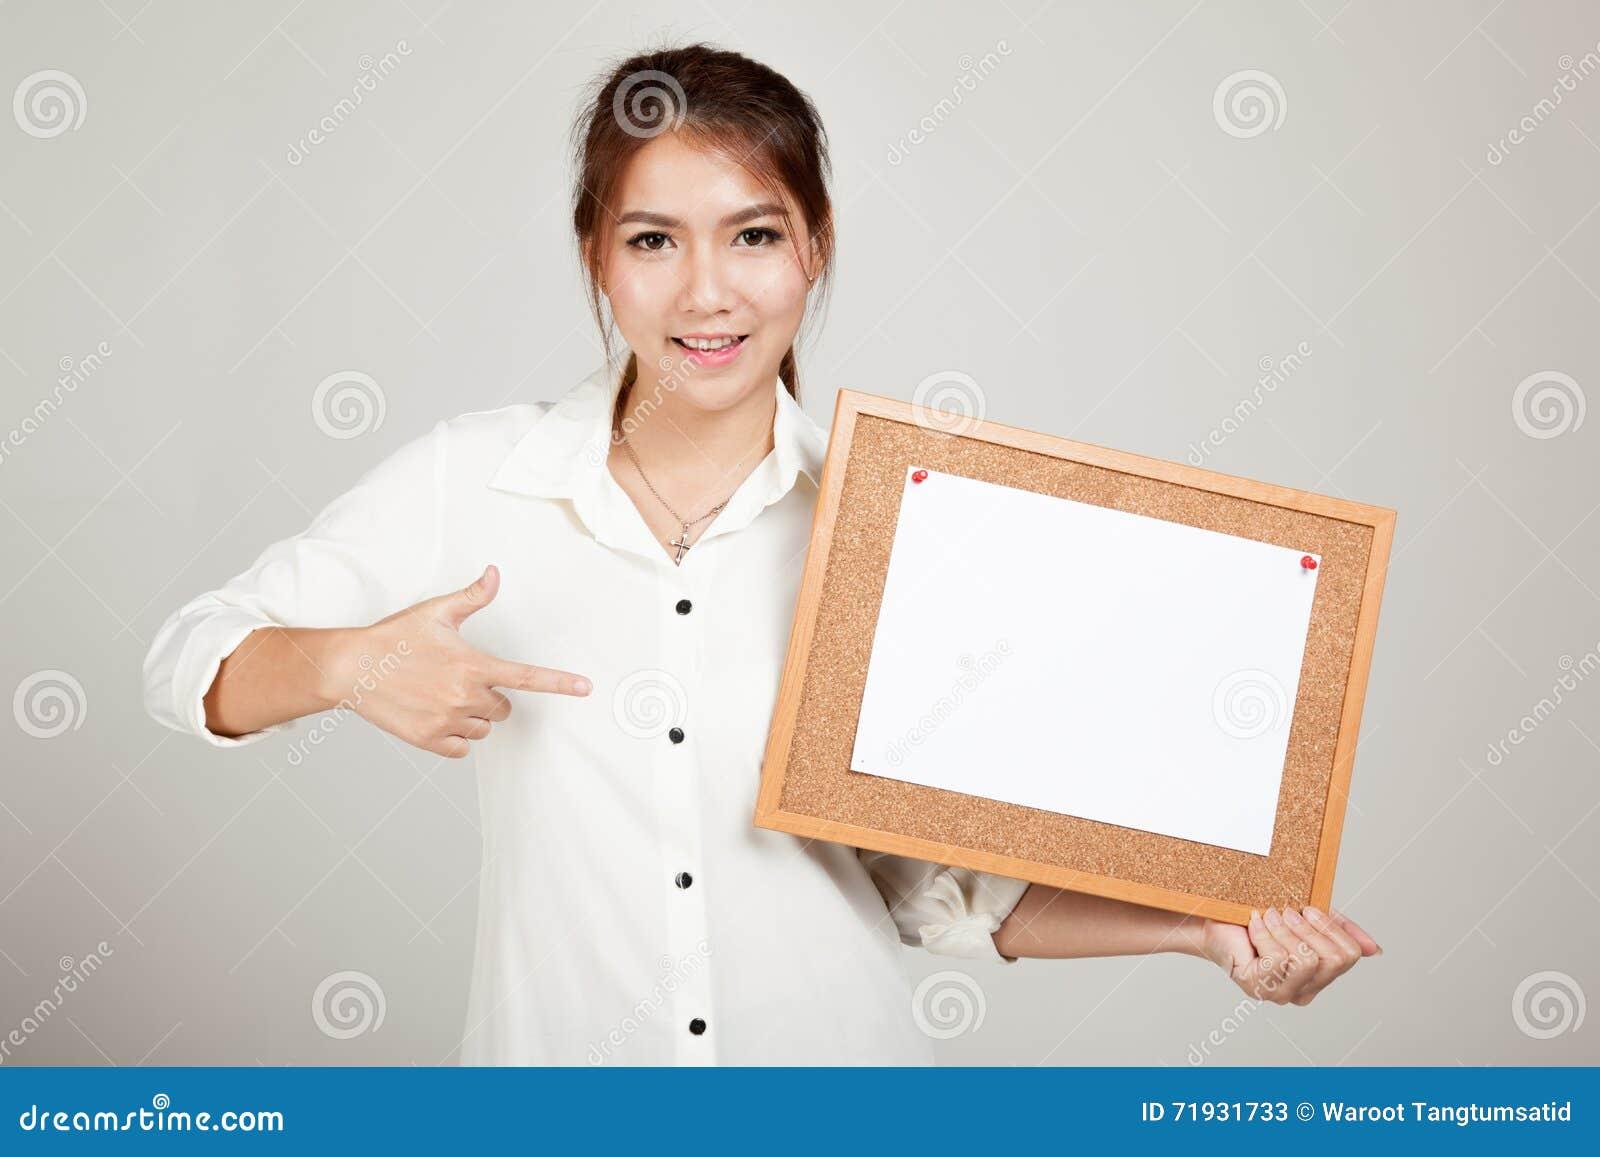 Asiatisches Mädchen mit Stift des leeren Papiers vom Korkenbrett